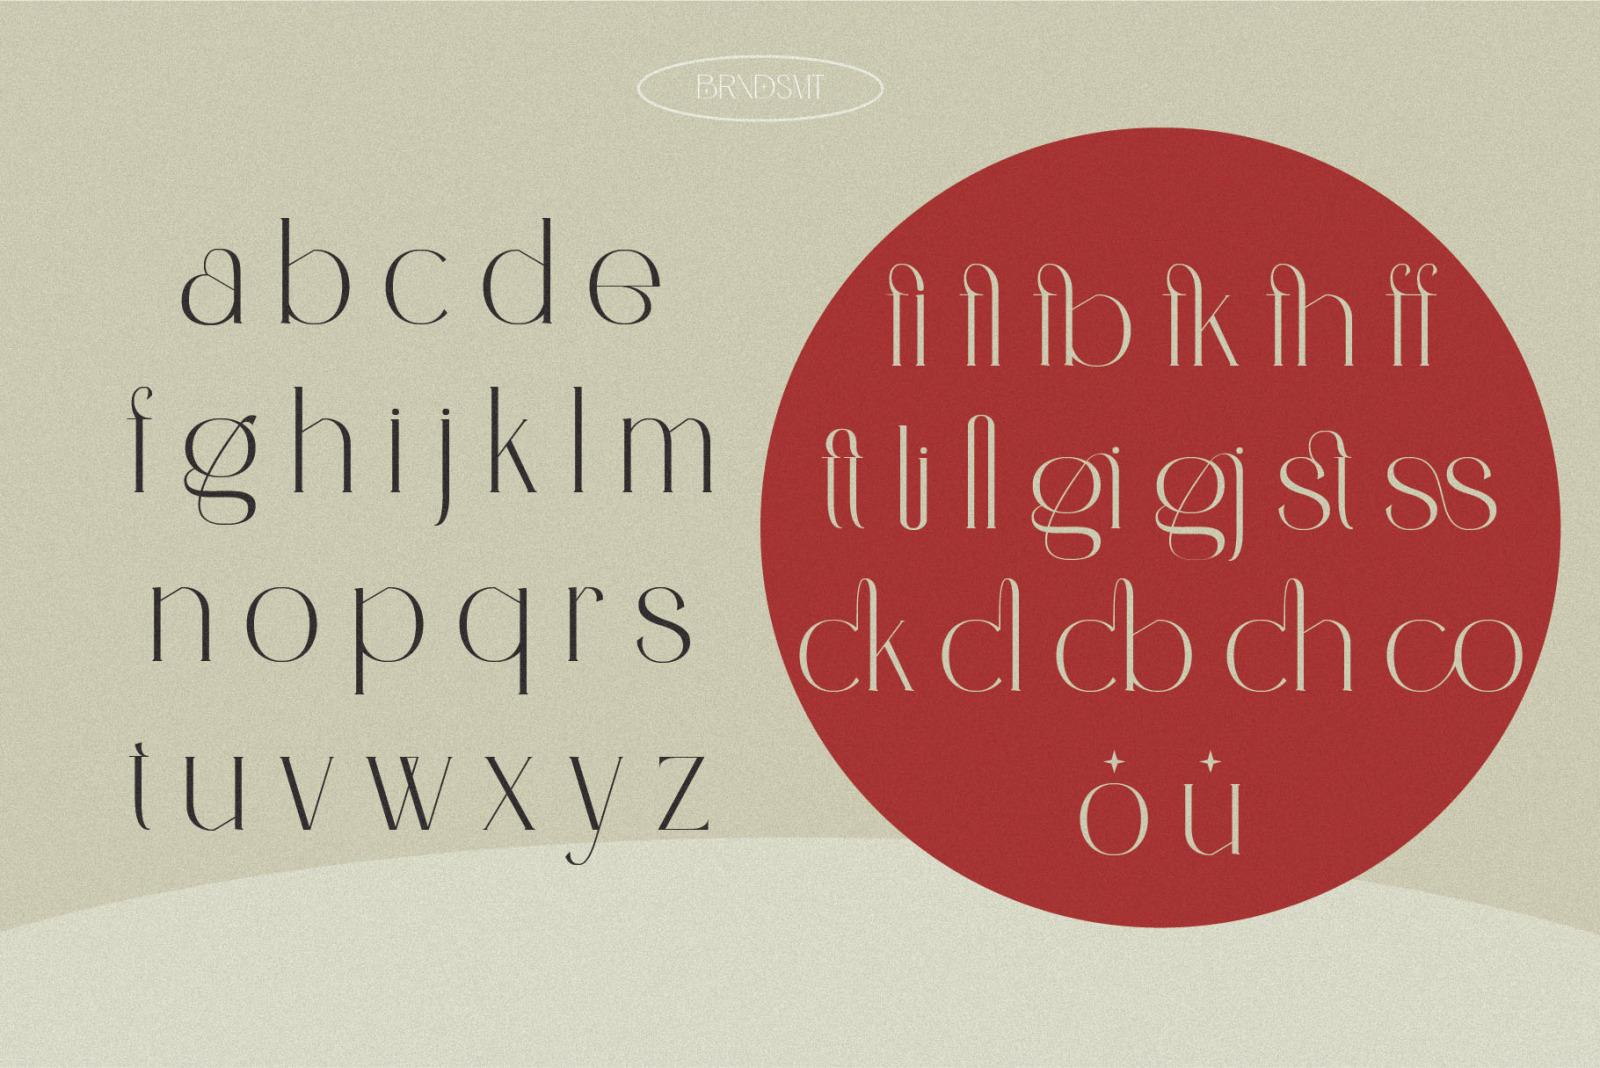 Cerlions - Classic Elegant Display Typeface